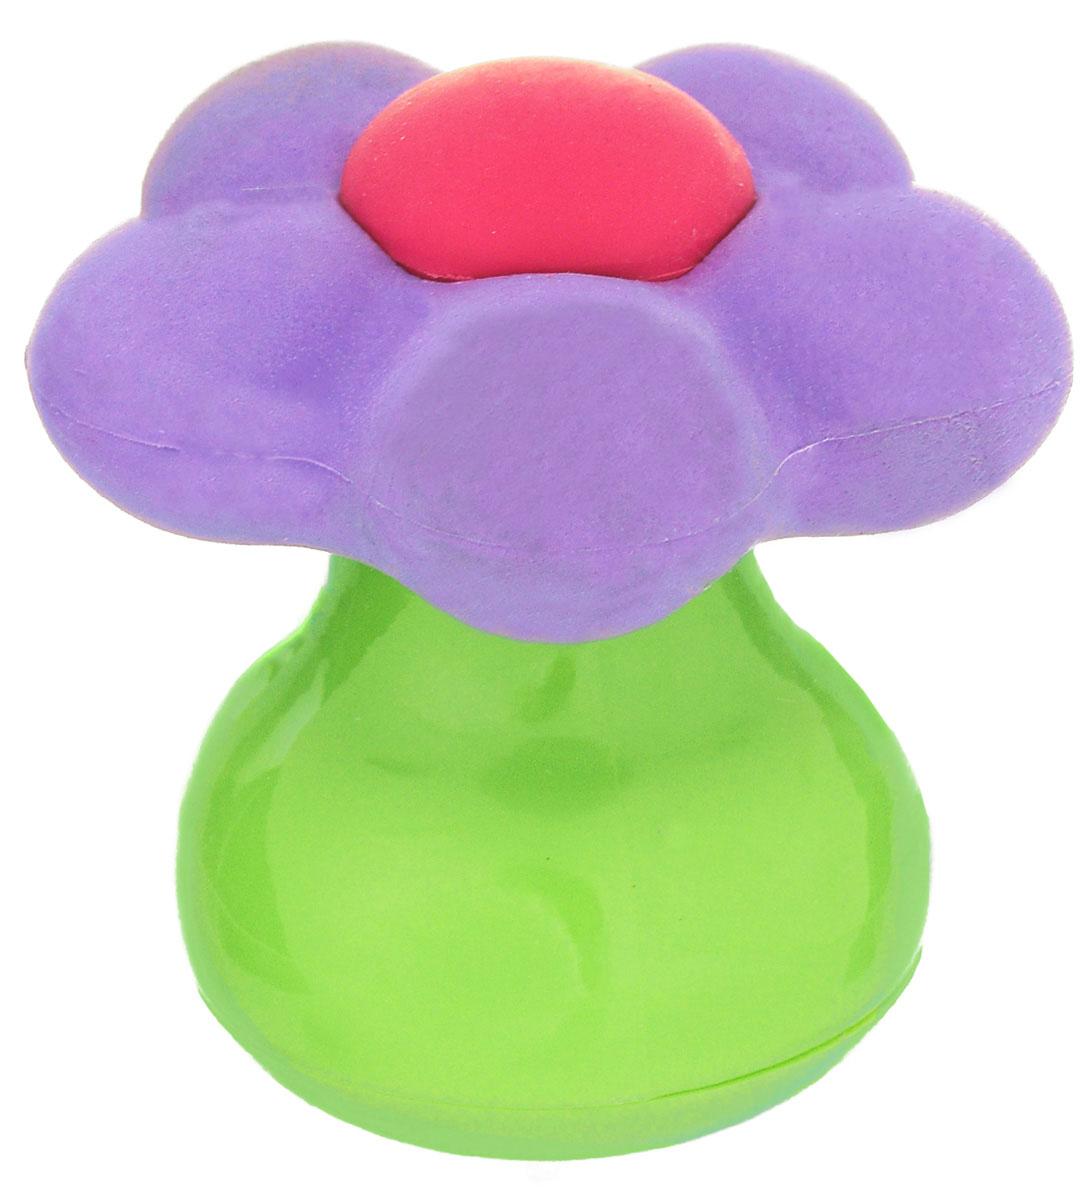 Brunnen Точилка Цветок, с ластиком, цвет: зеленый, фиолетовый29995-01\BCDУдобная точилка в пластиковом корпусе в виде цветка на толстой ножке, предназначена для затачивания карандашей. Острое стальное лезвие обеспечивает высококачественную и точную заточку. Карандаш затачивается легко и аккуратно, а опилки после заточки остаются в специальном контейнере. Точилка дополнена ластиком-цветком.